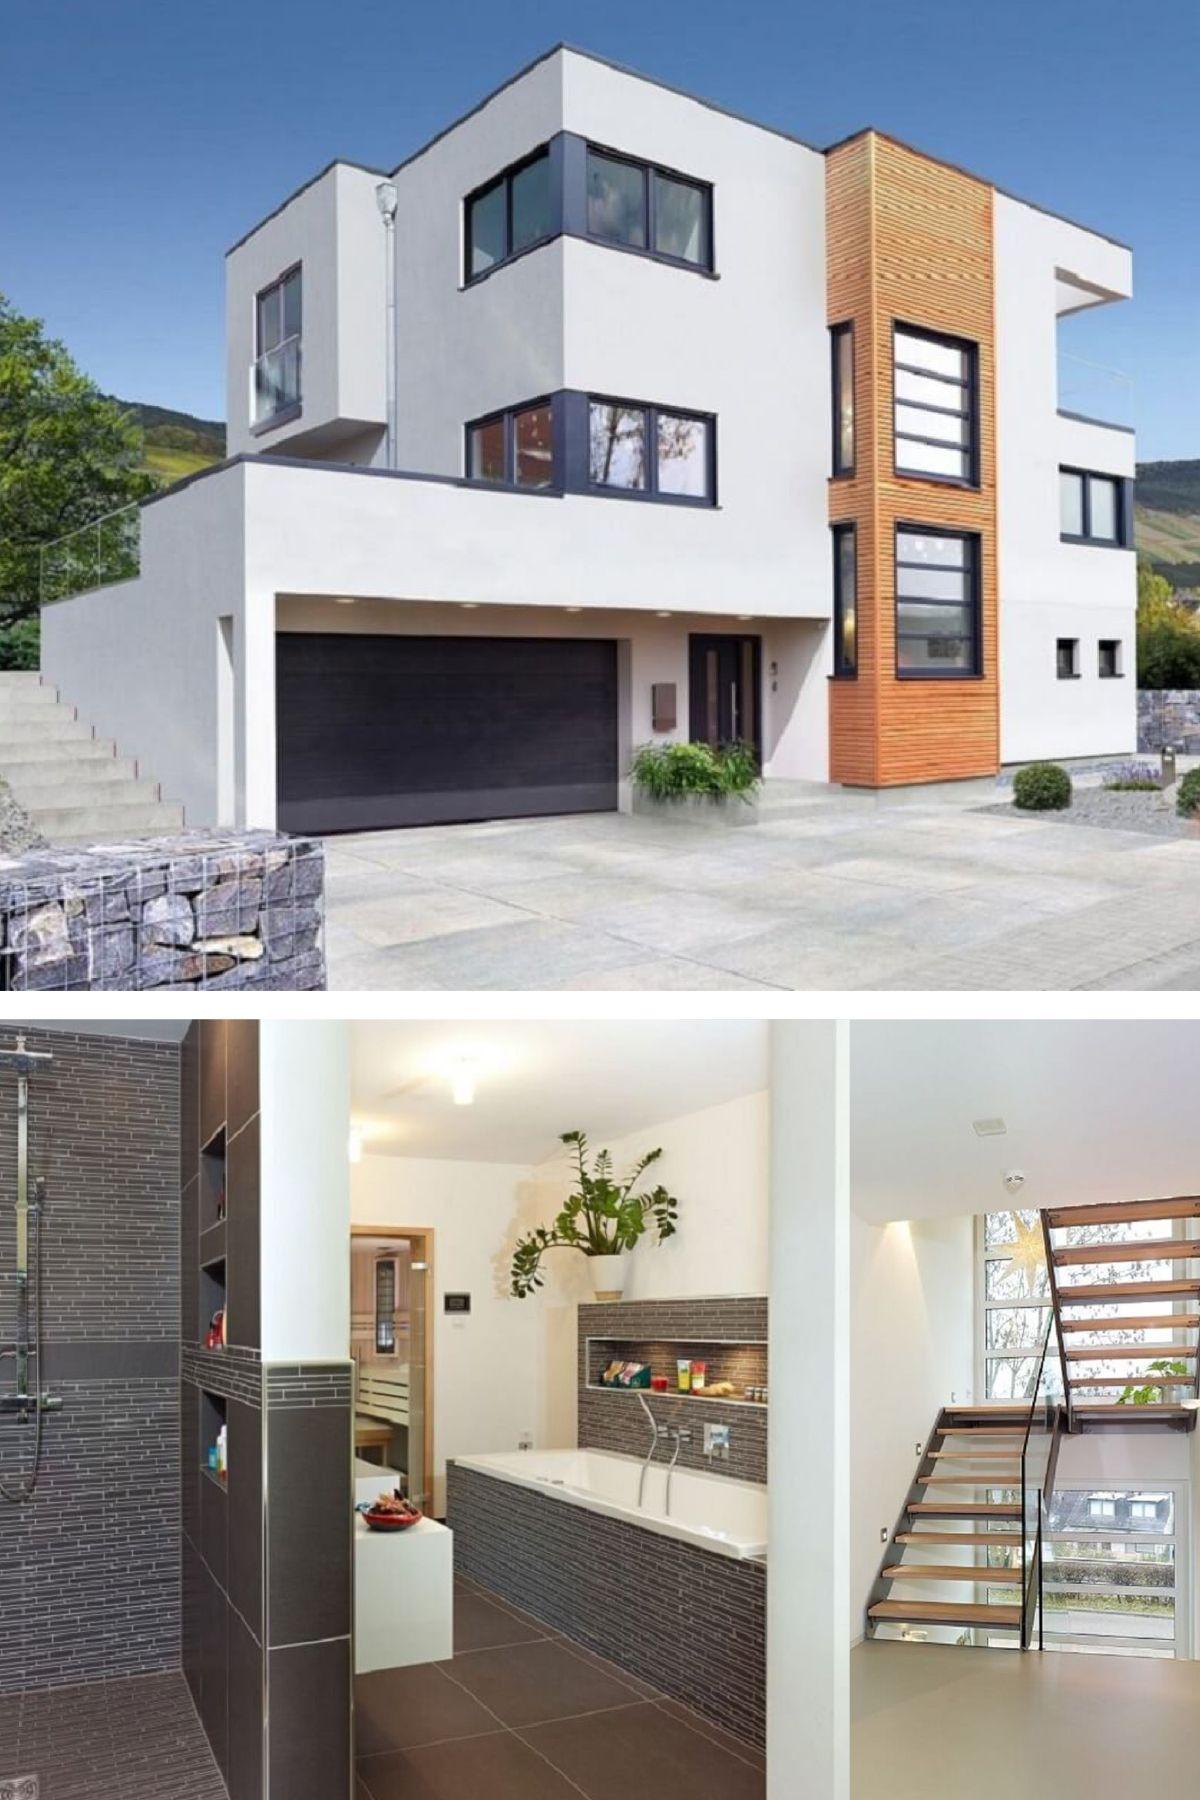 Inspirierend Haus Flachdach Referenz Von Stil - Trier Von Streif - Moderne